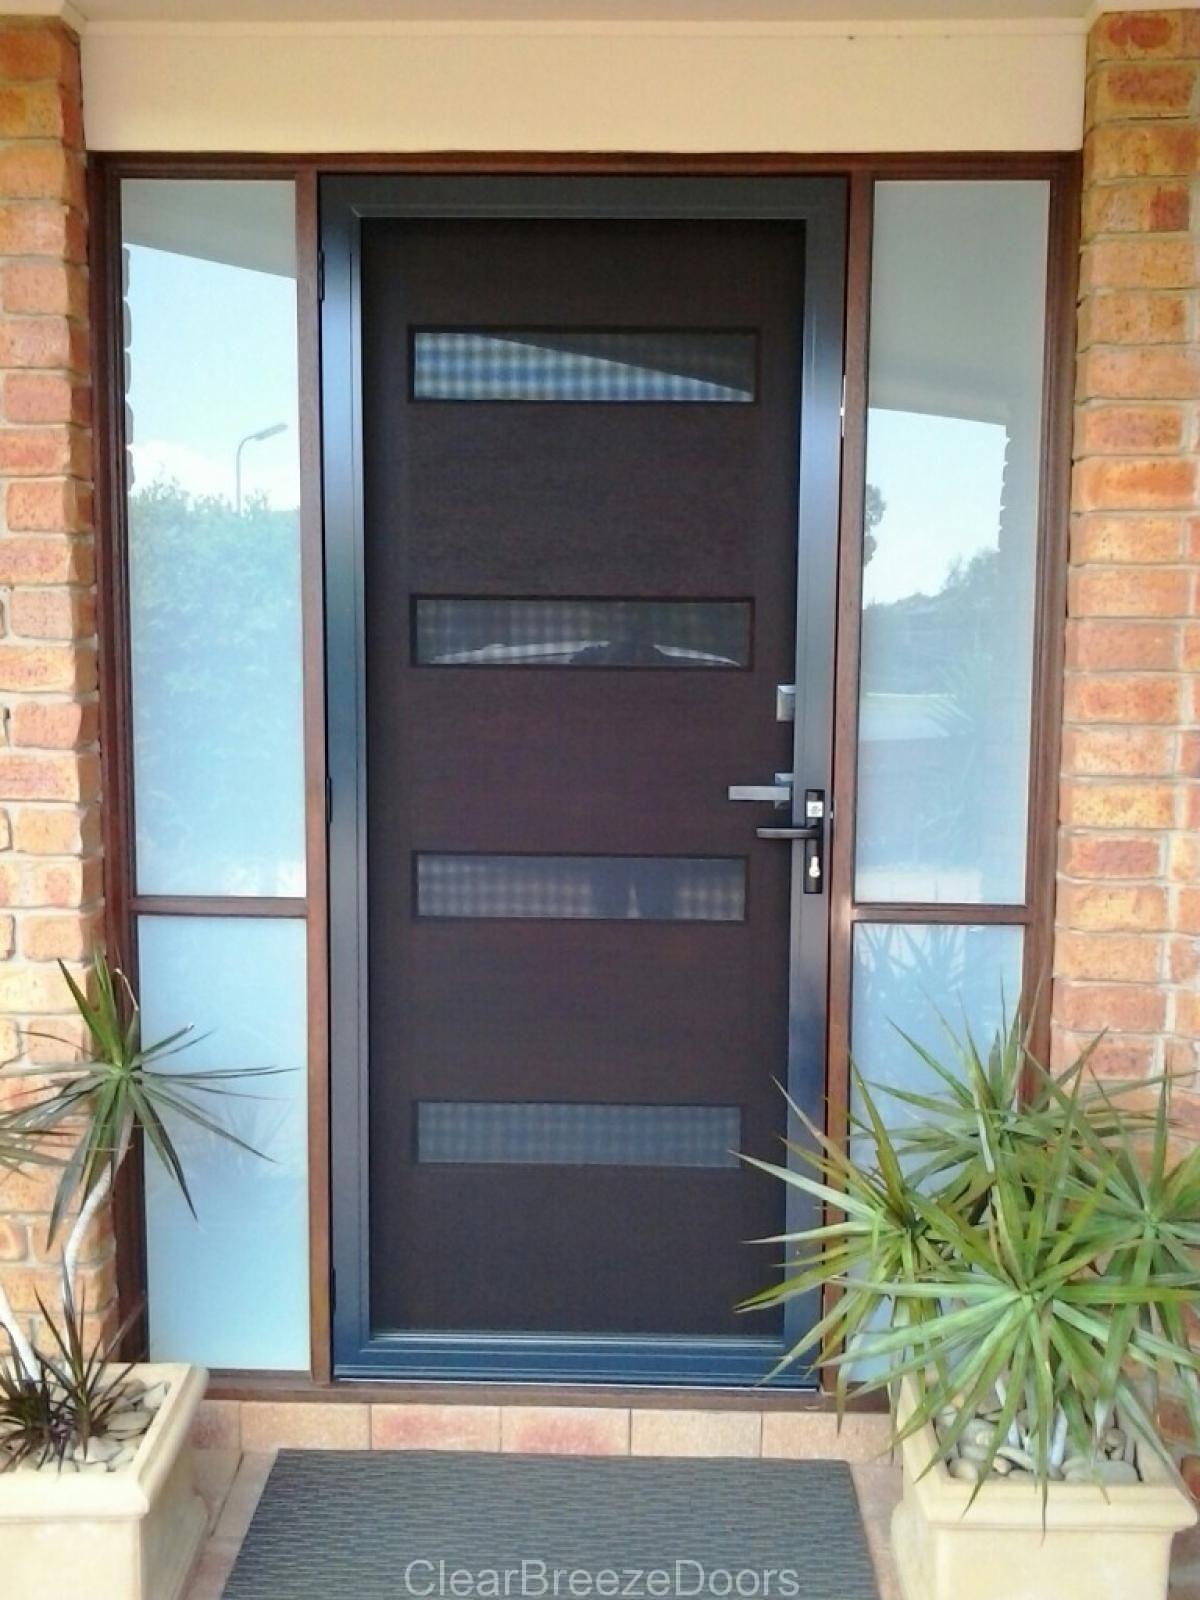 Security Screen Doors plus standard security screen door